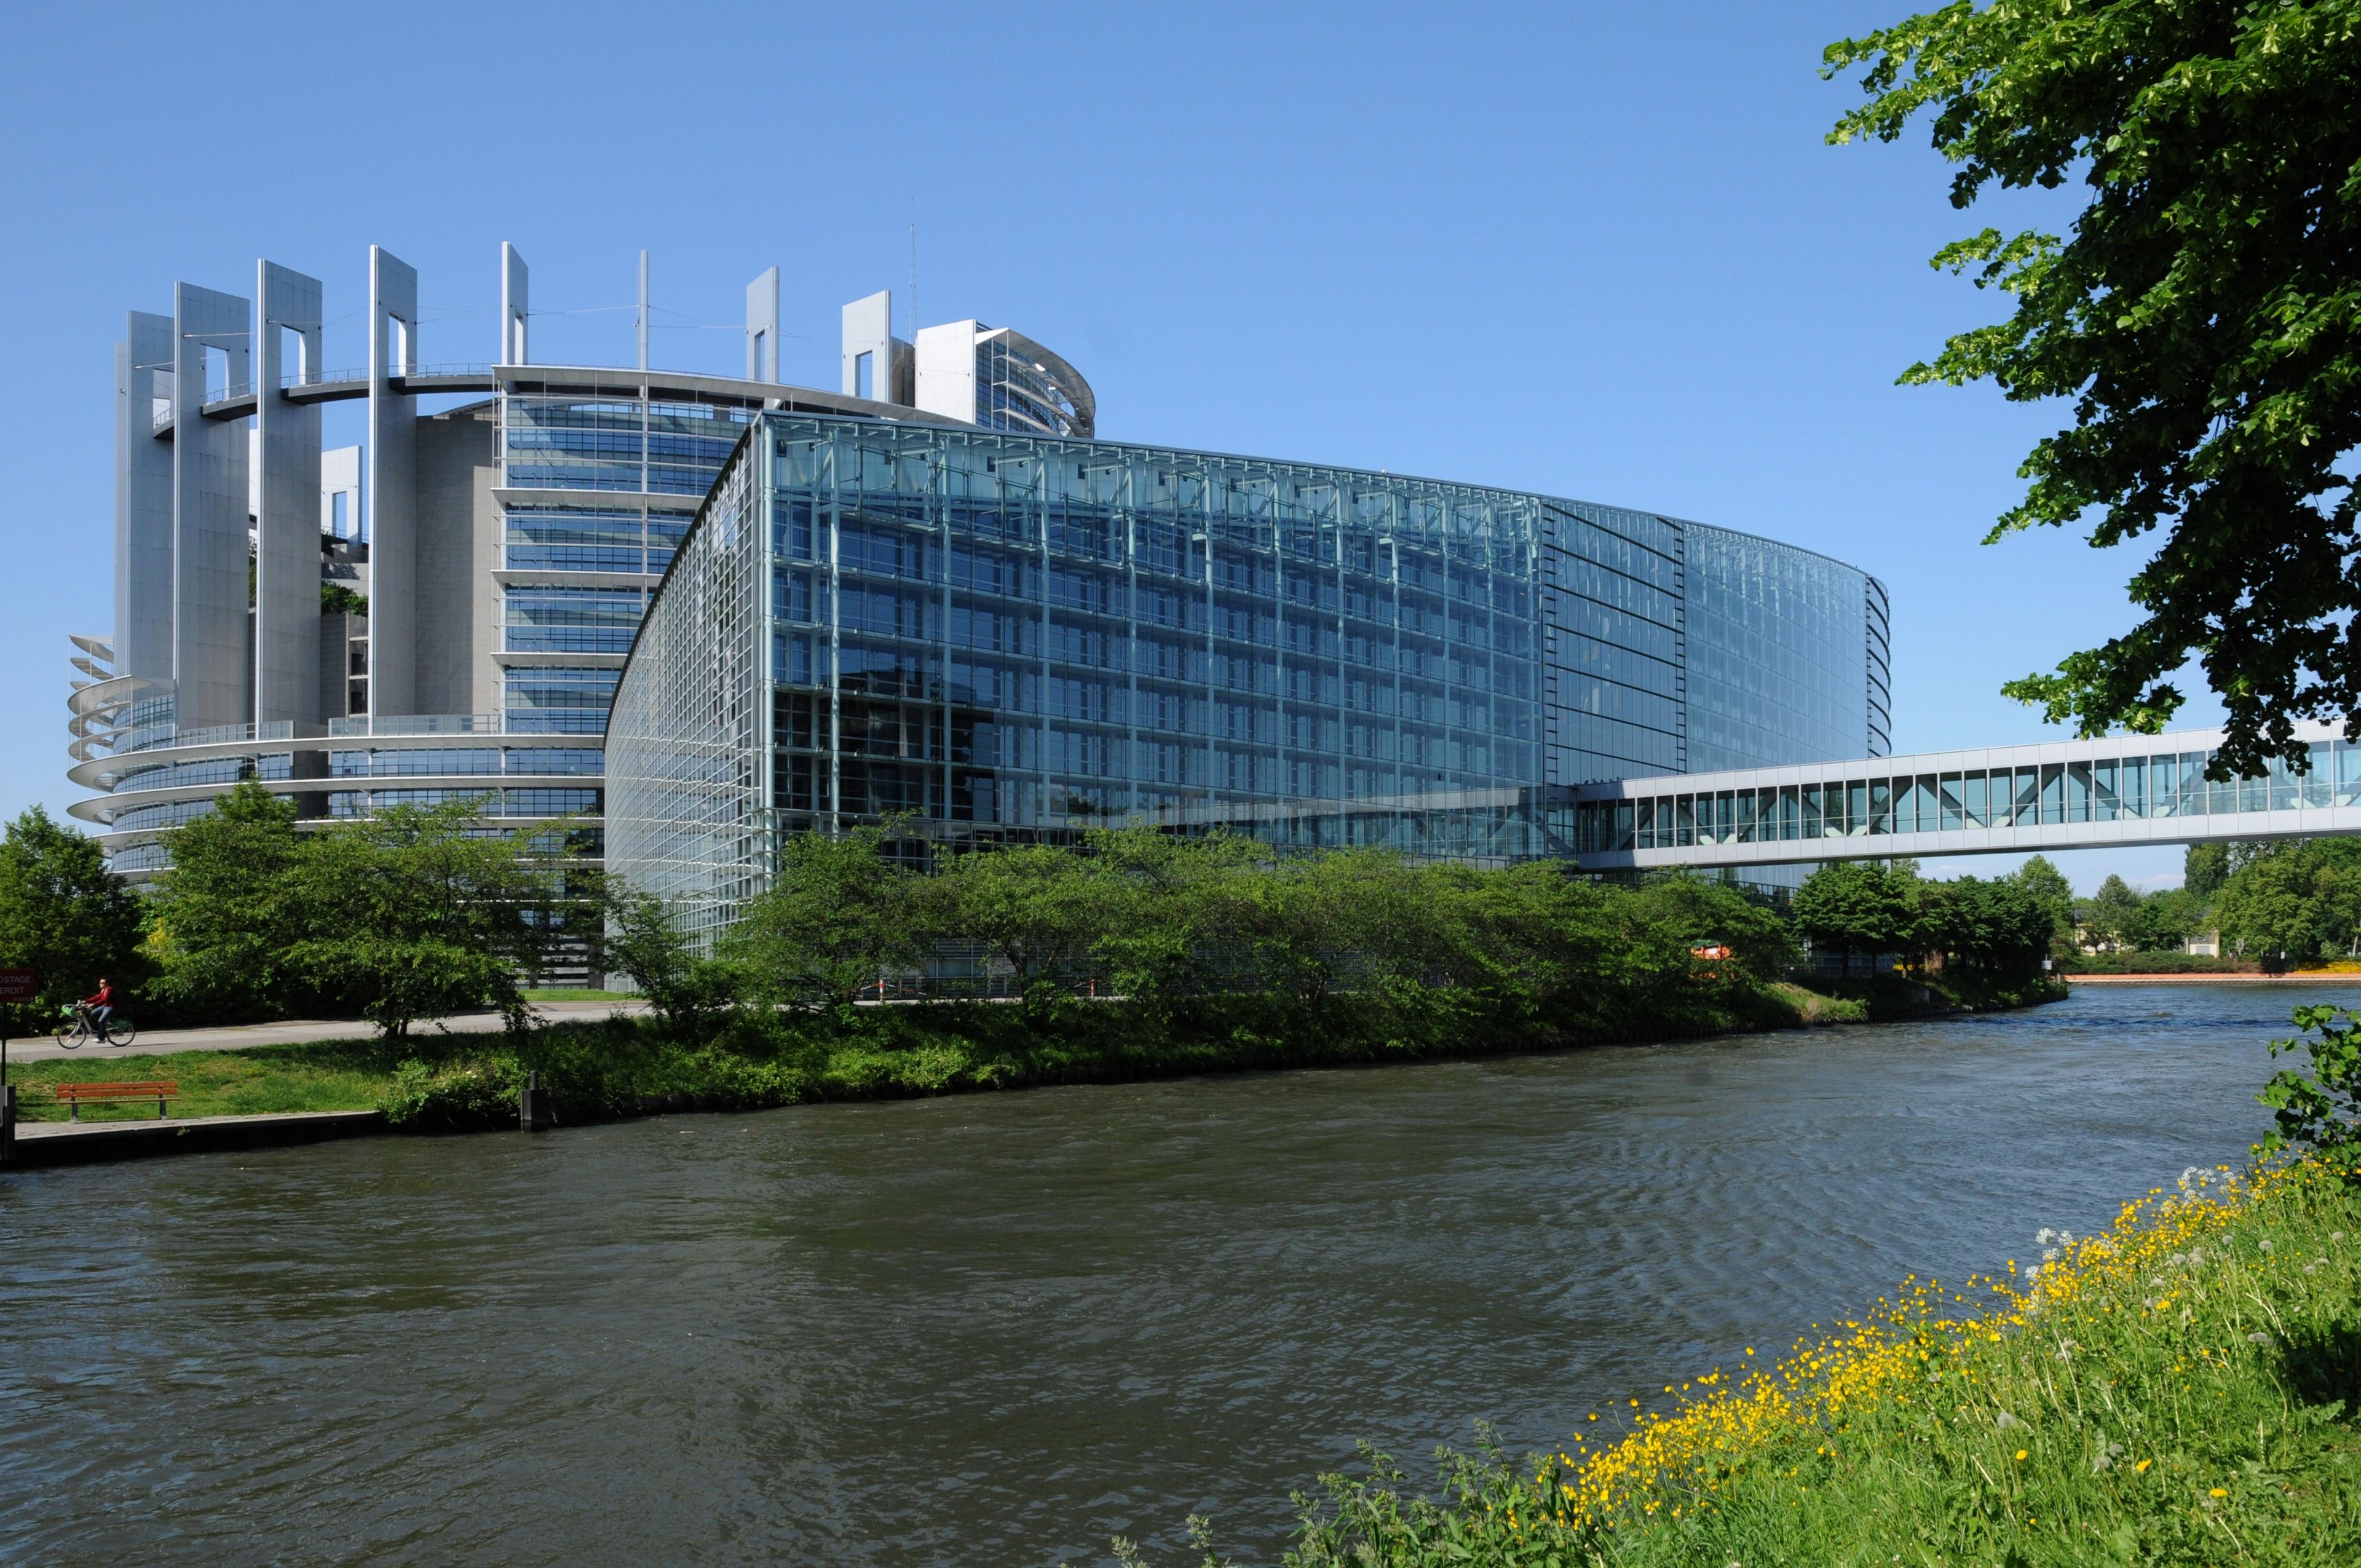 Nachdem Sie Europäisches Parlament einen Besuch abgestattet haben, sollten Sie auch die weiteren Sehenswürdigkeiten und Aktivitäten in Straßburg nicht außer Acht lassen. Nehmen Sie sich Zeit für die Einkaufsmöglichkeiten und verschönern Sie Ihren Aufenthalt mit Touren durch die Region in dieser fußgängerfreundlichen Gegend.